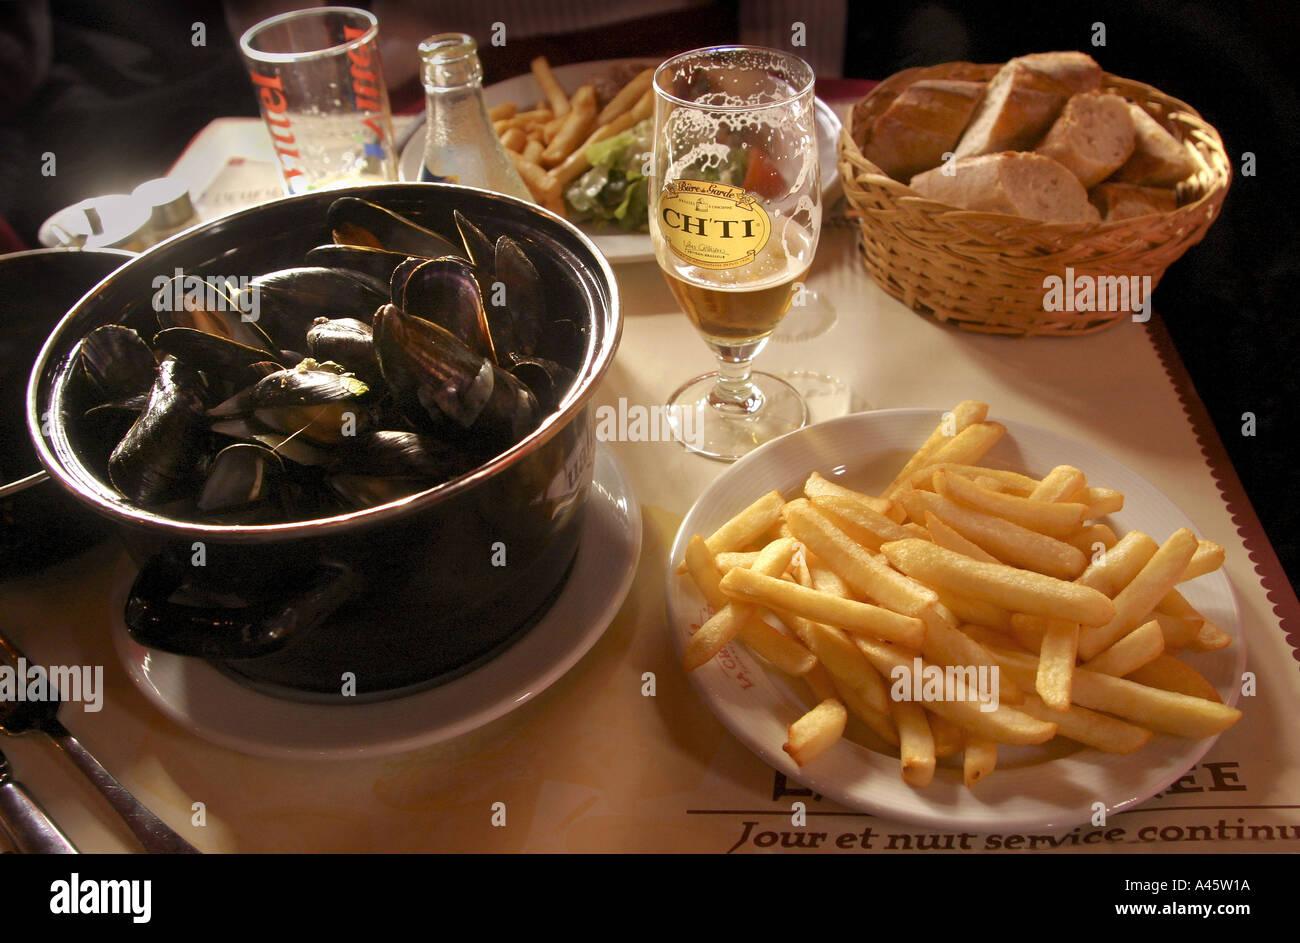 Chicoree A Café Stock Photos Chicoree A Café Stock Images Alamy